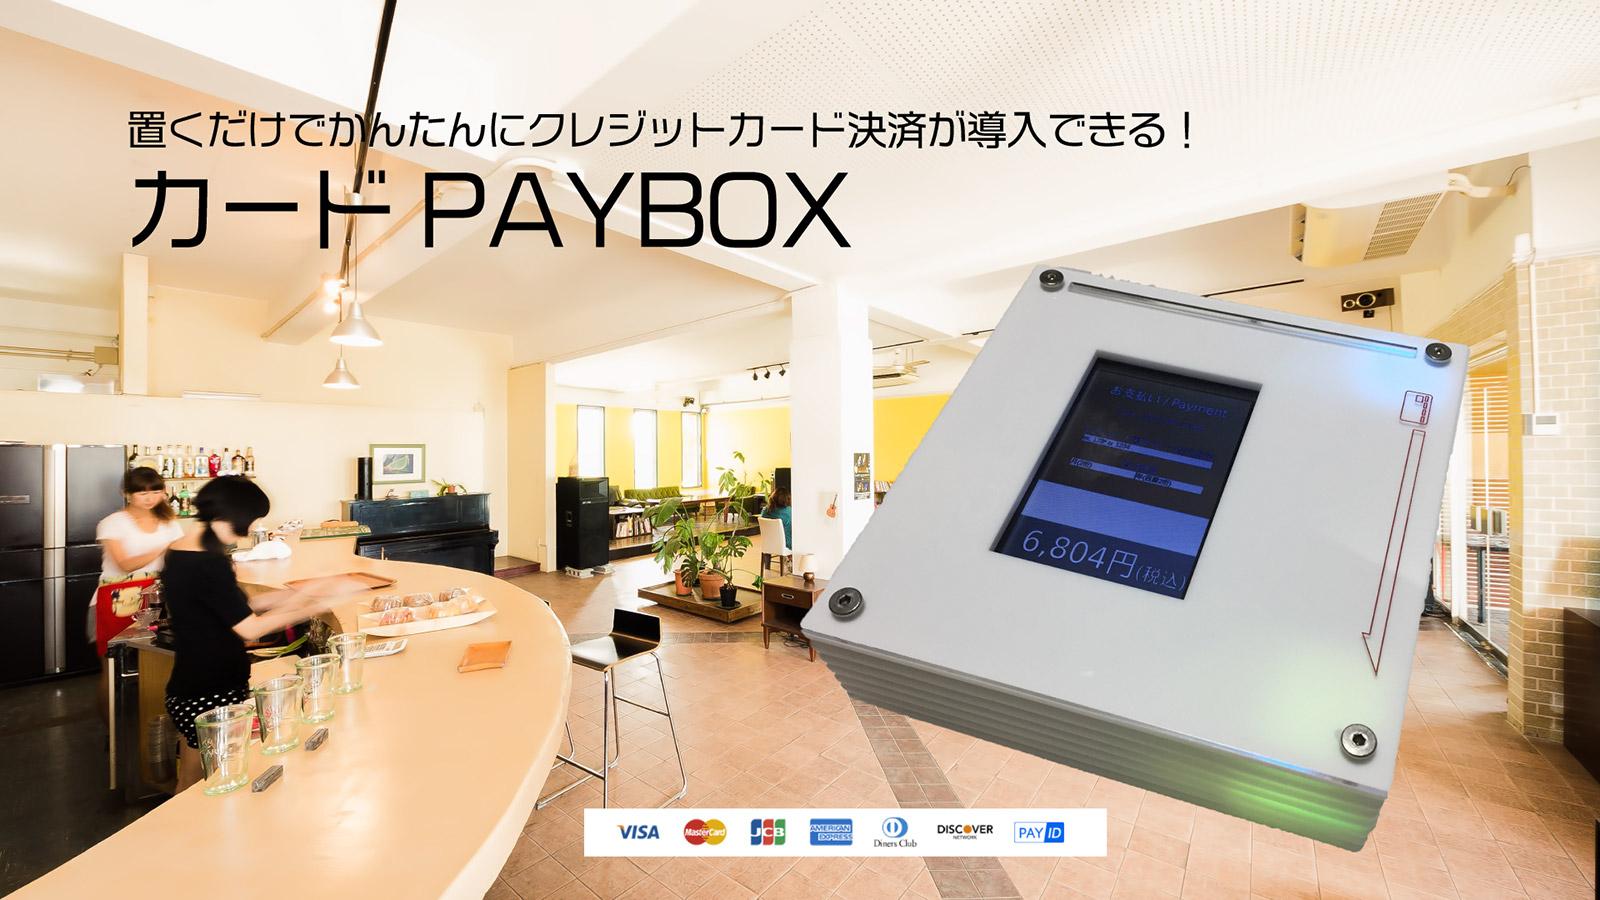 置くだけで6大ブランドのクレジットカード決済をすぐに導入できる!カードPAYBOX